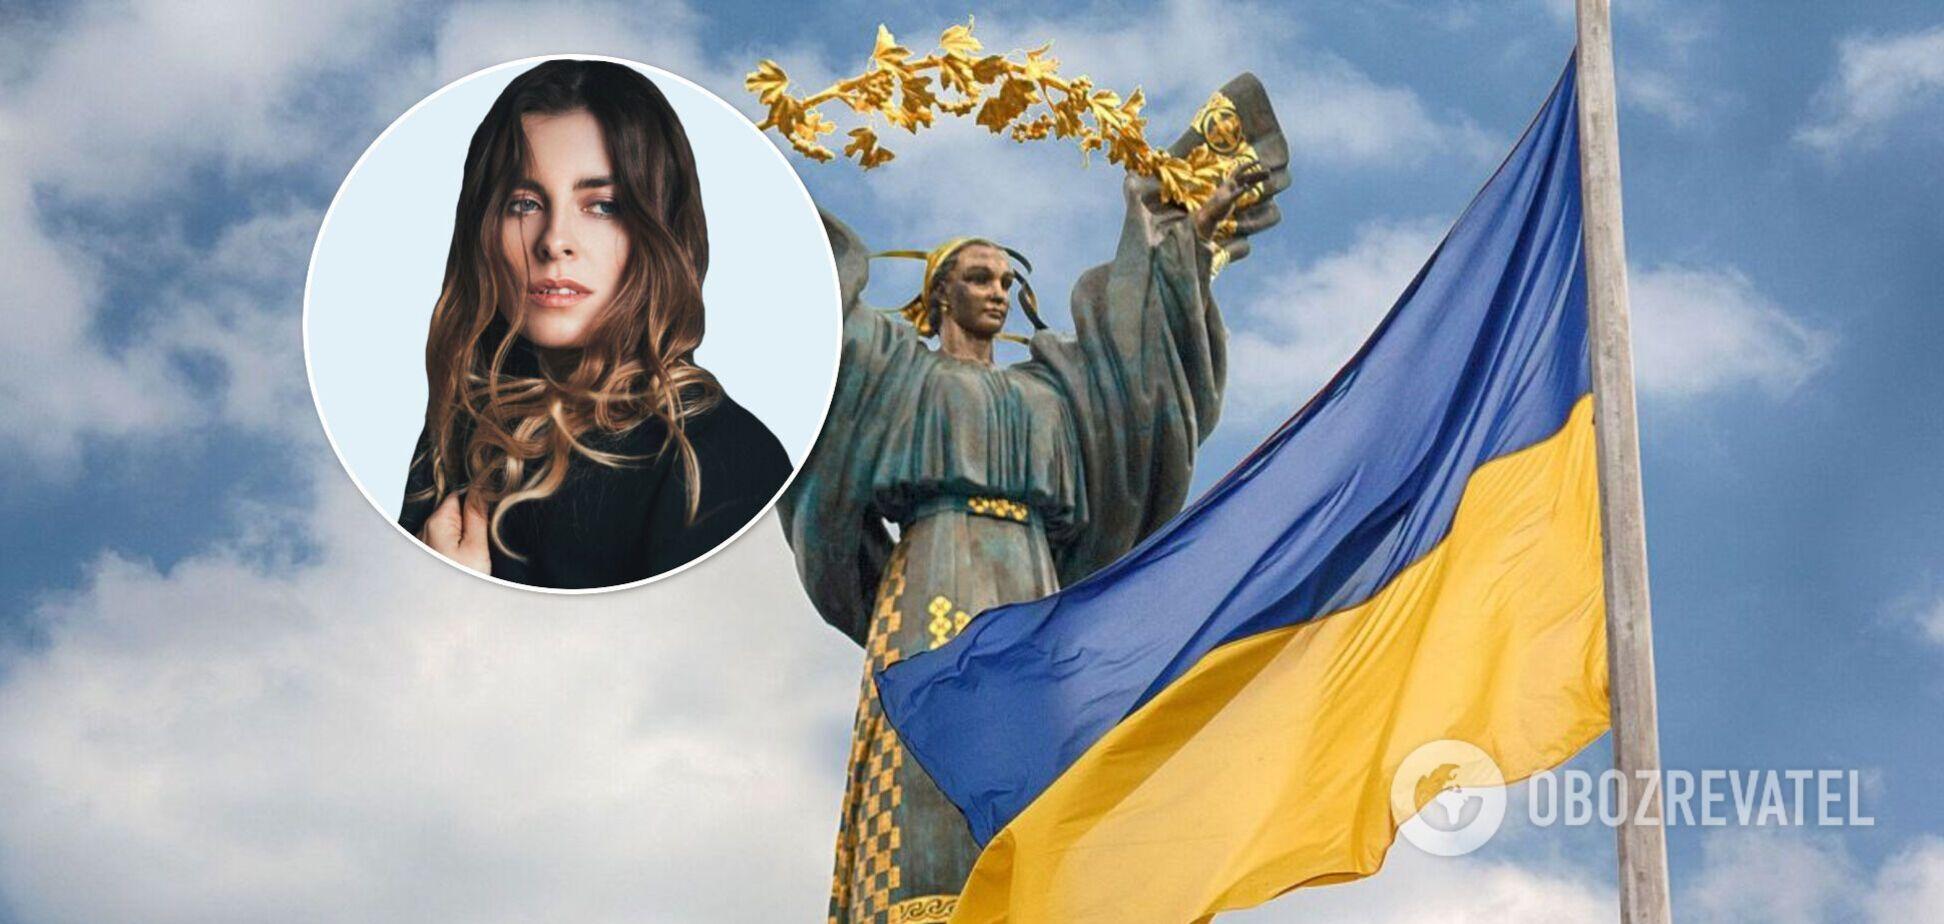 Режиссер раскрыла главную изюминку концерта на День Независимости Украины